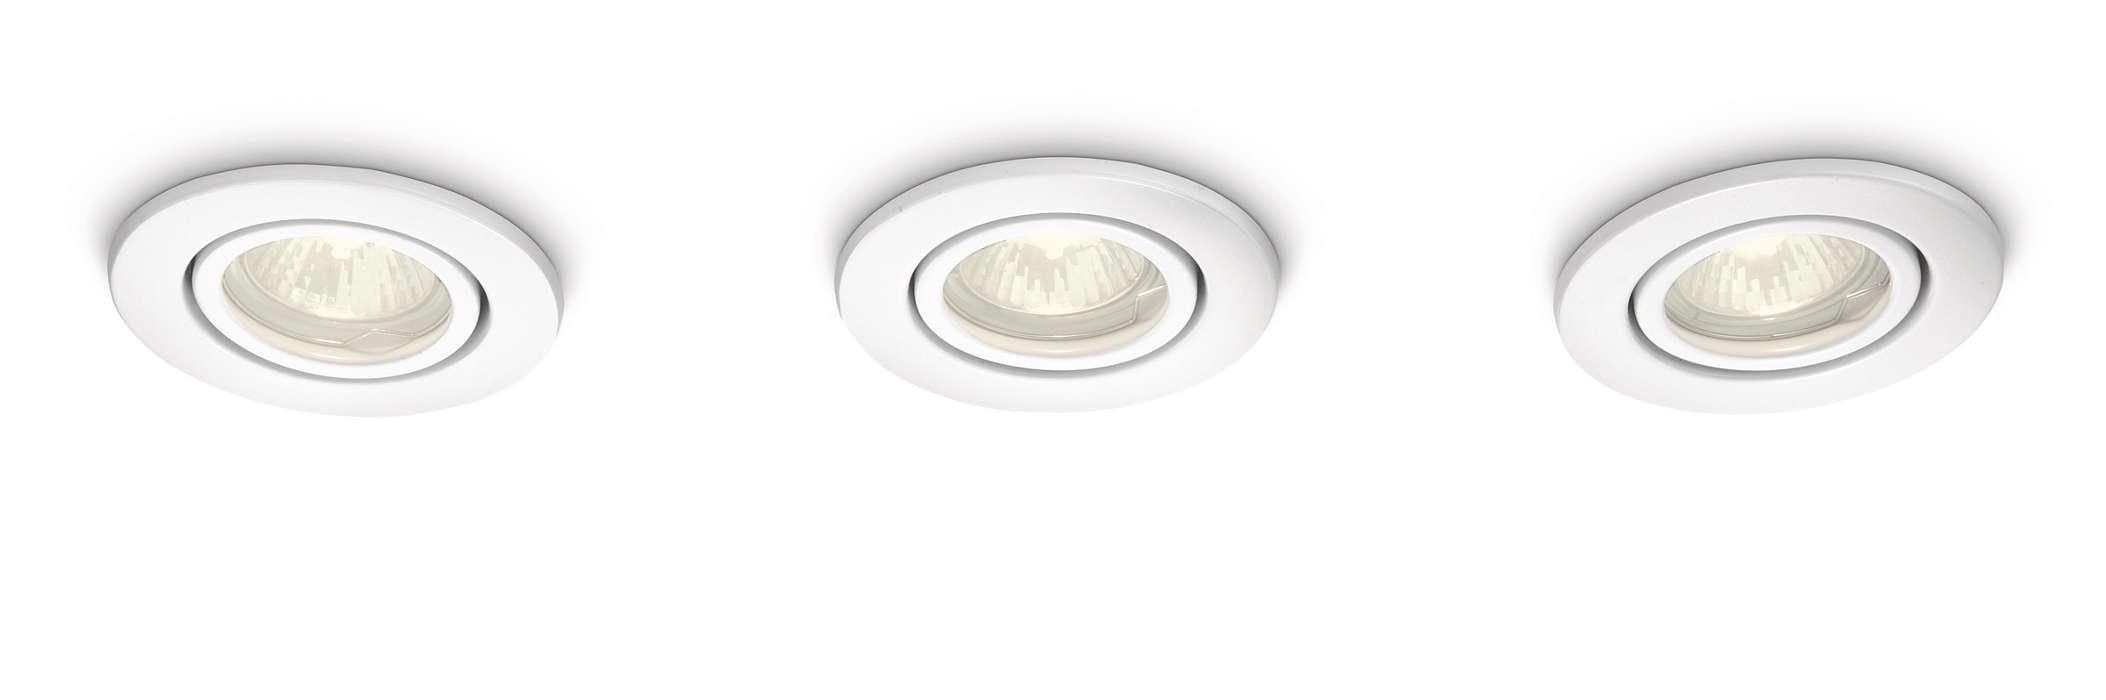 Împrospătaţi-vă cu lumină naturală deosebită